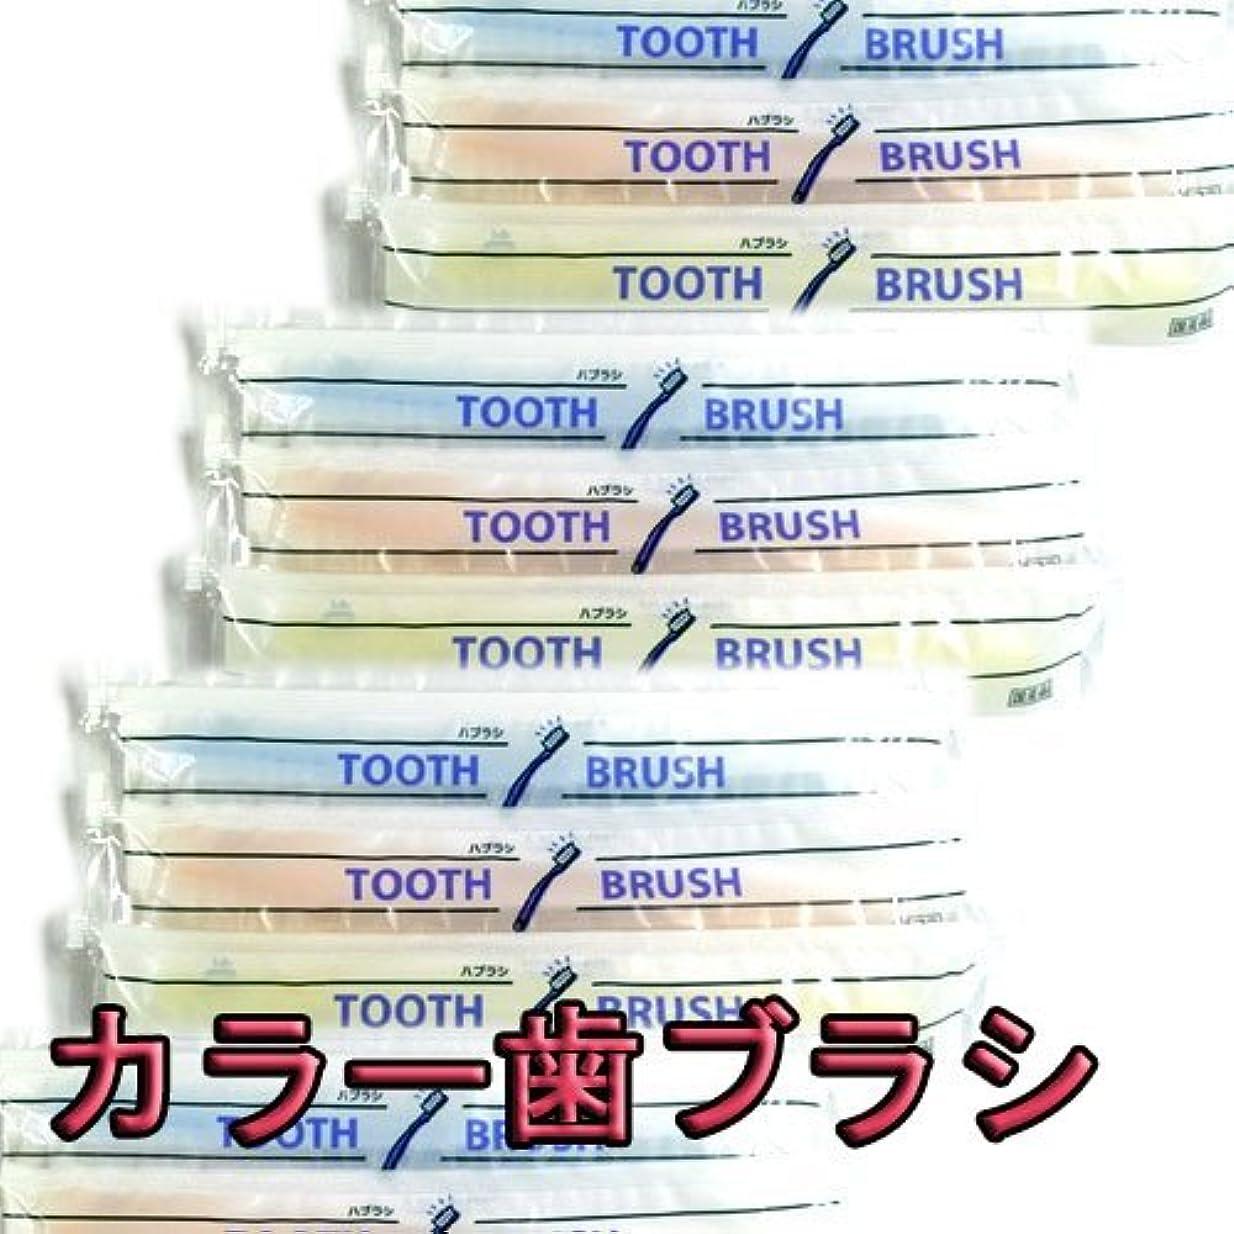 ダーベビルのテス波ジム使い捨て(インスタント) 粉付き歯ブラシ(10本組)(旅行用?お客様用に) 増量中 日本製